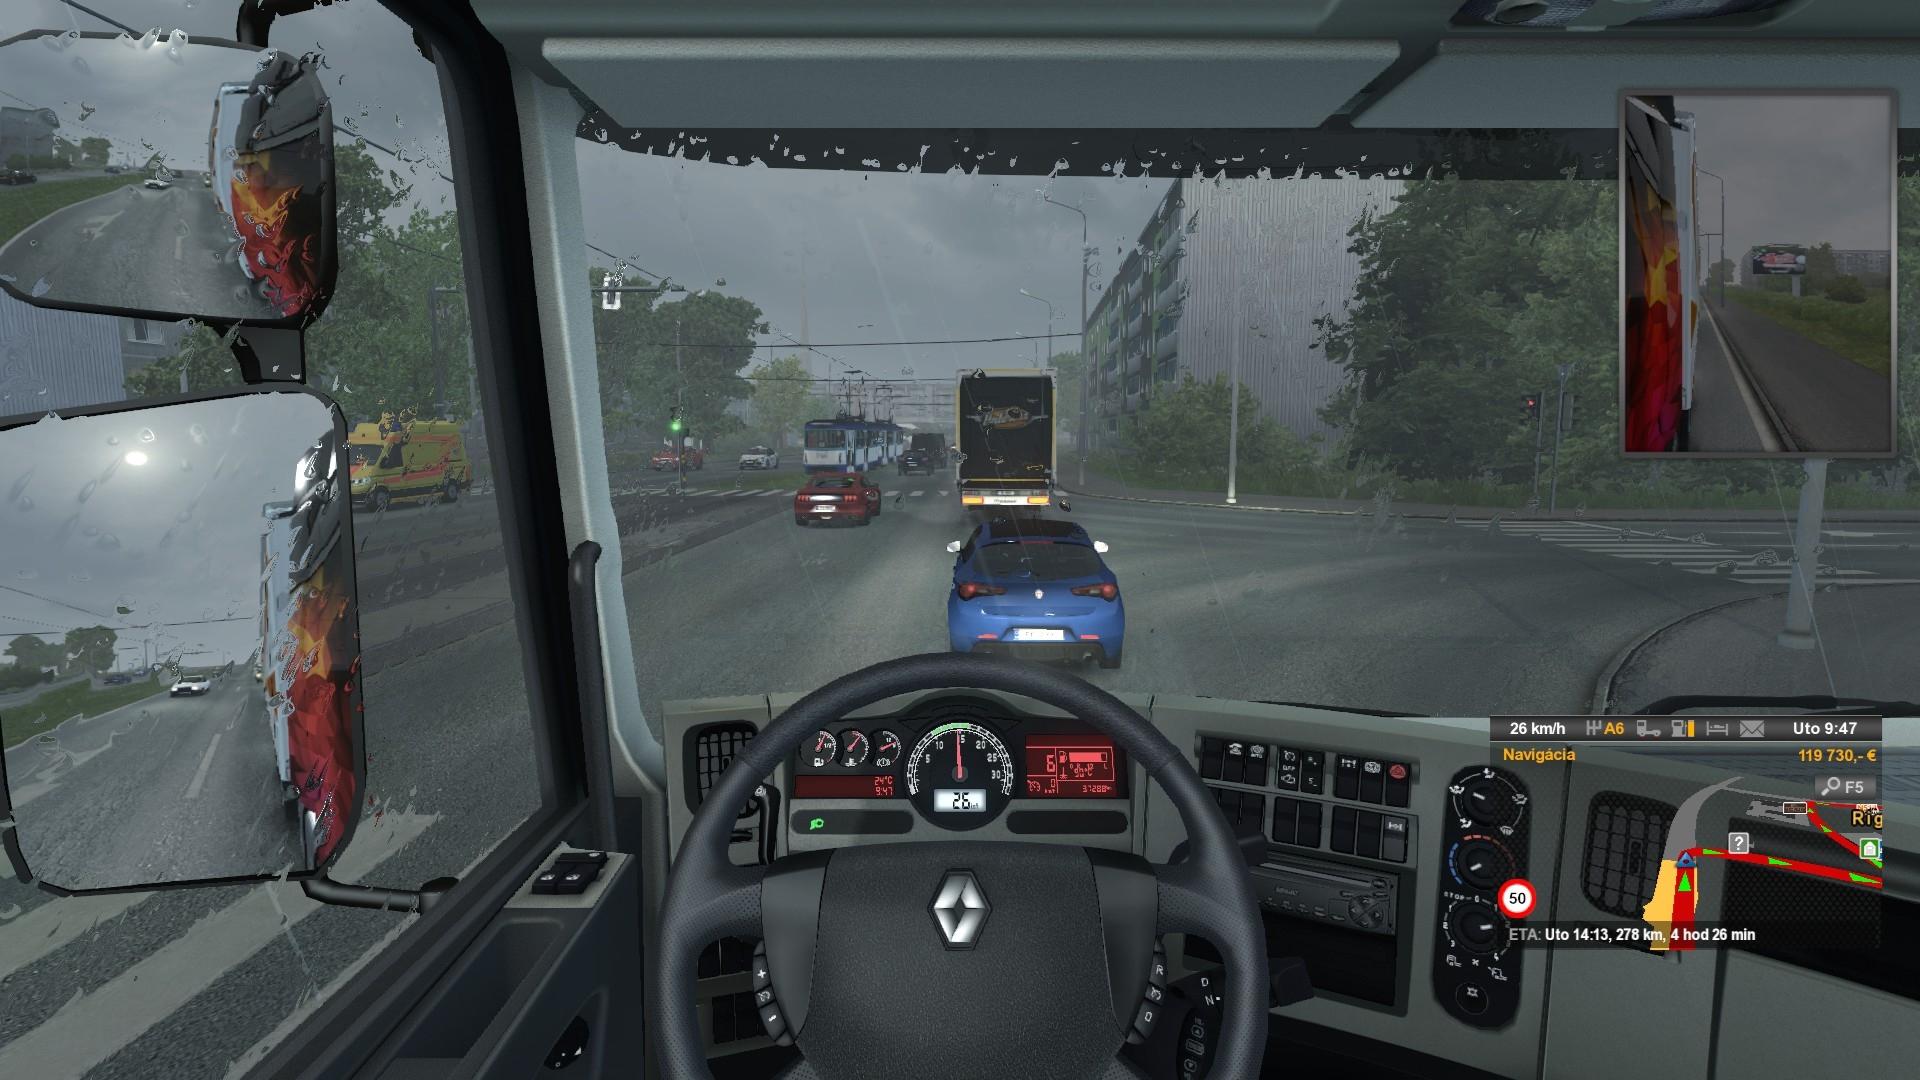 Ako pridat peniaze do euro truck simulator